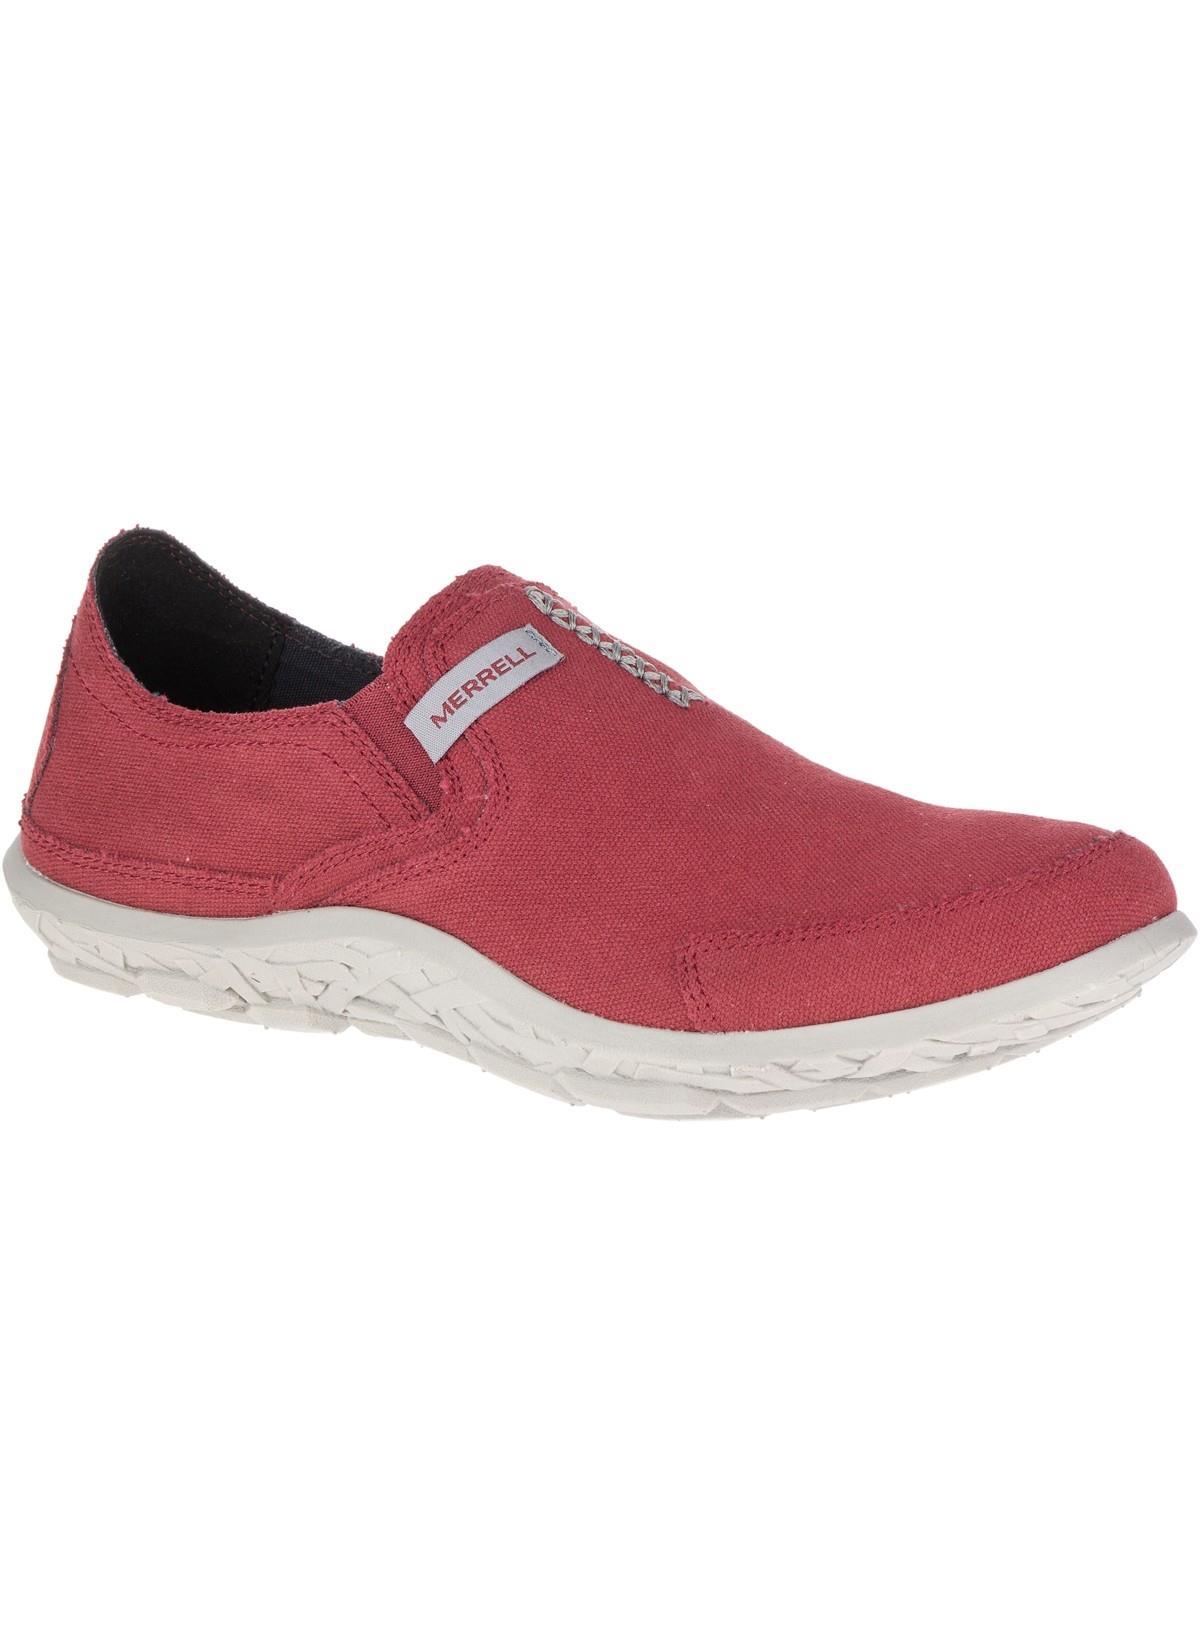 Merrell Slipper Yazlık Ayakkabı J91543